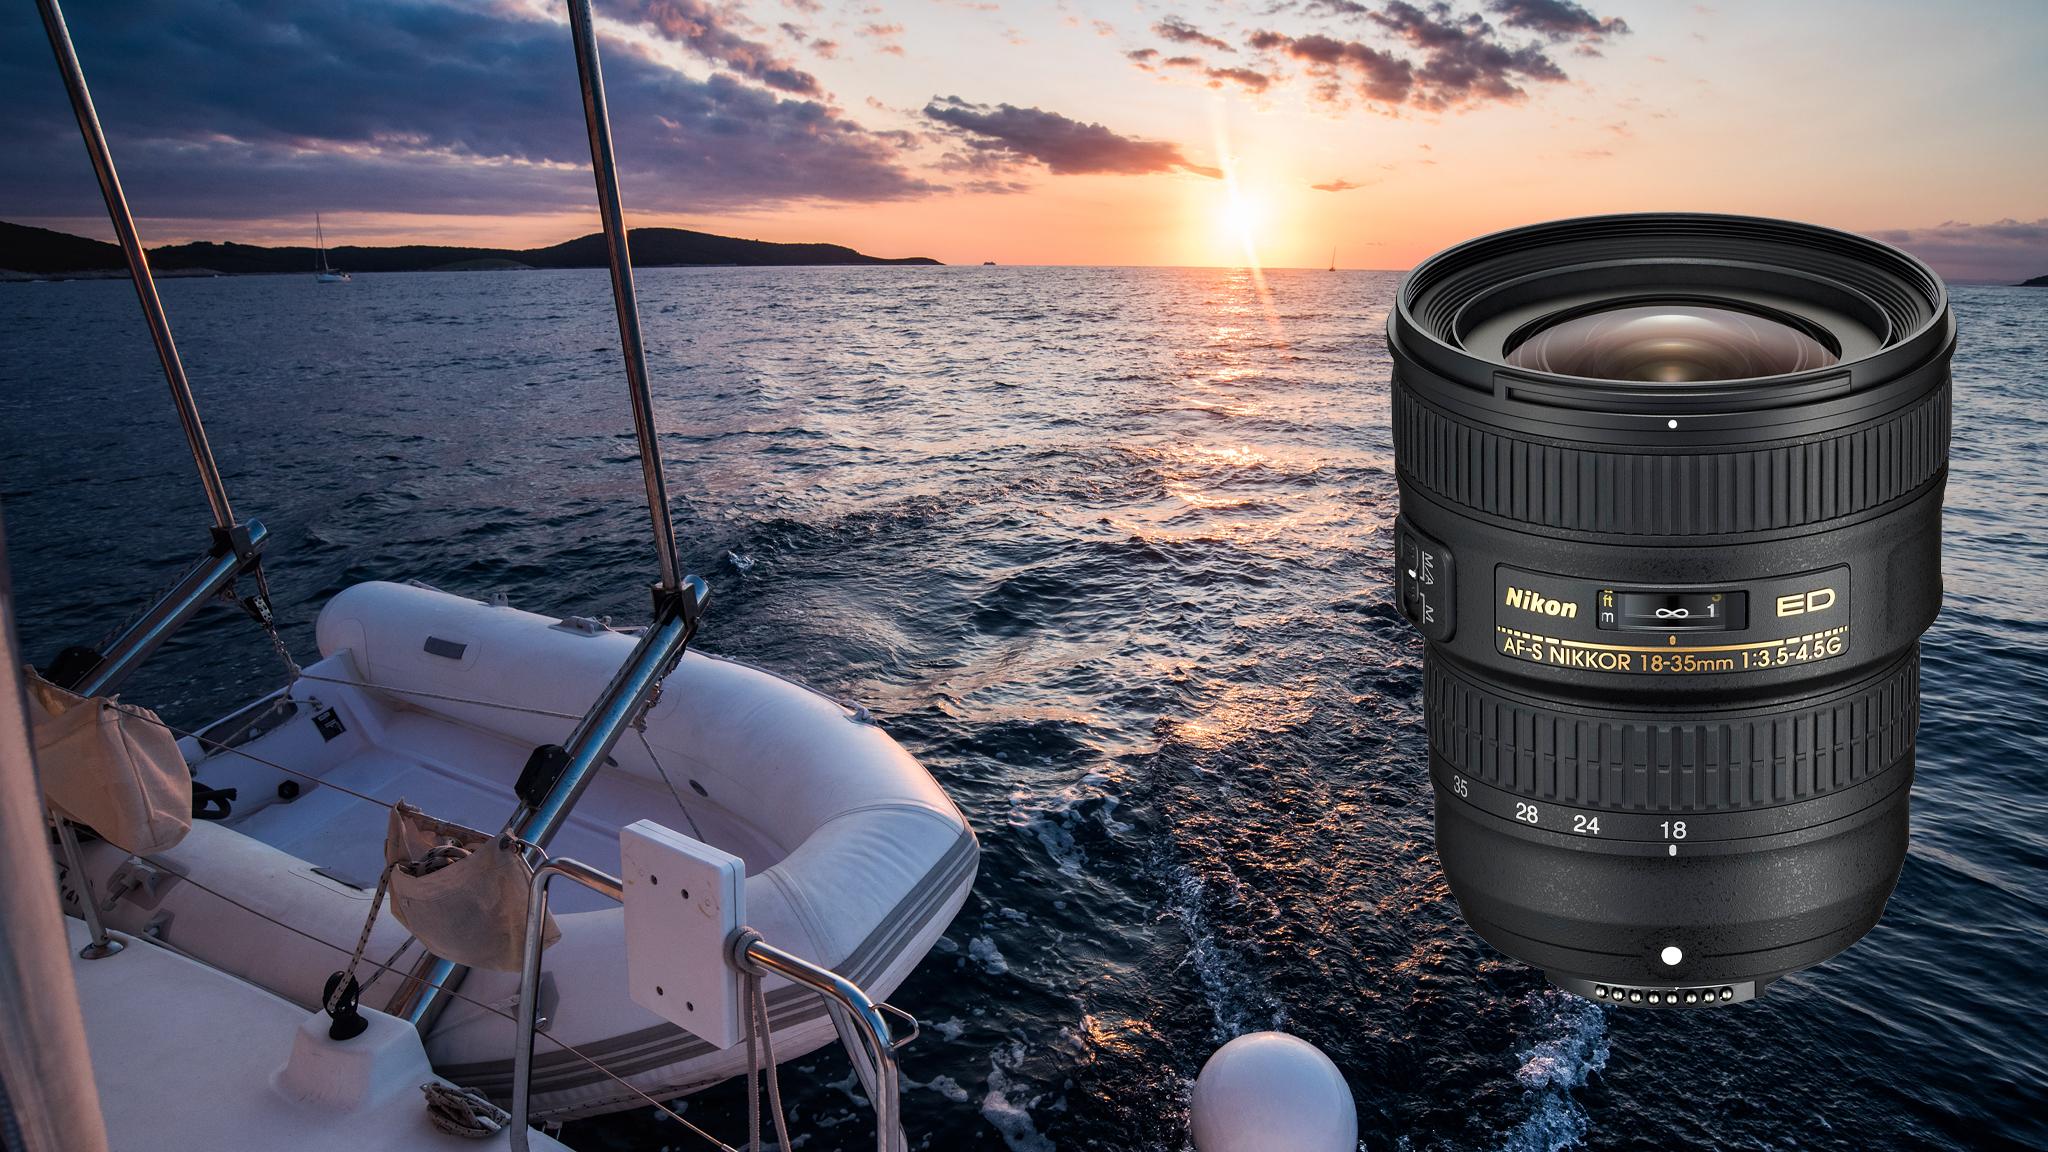 Objektív, ktorý nezaťaží brašnu ani peňaženku. Nikkor AF-S 18-35mm f/3,5-4,5 G ED